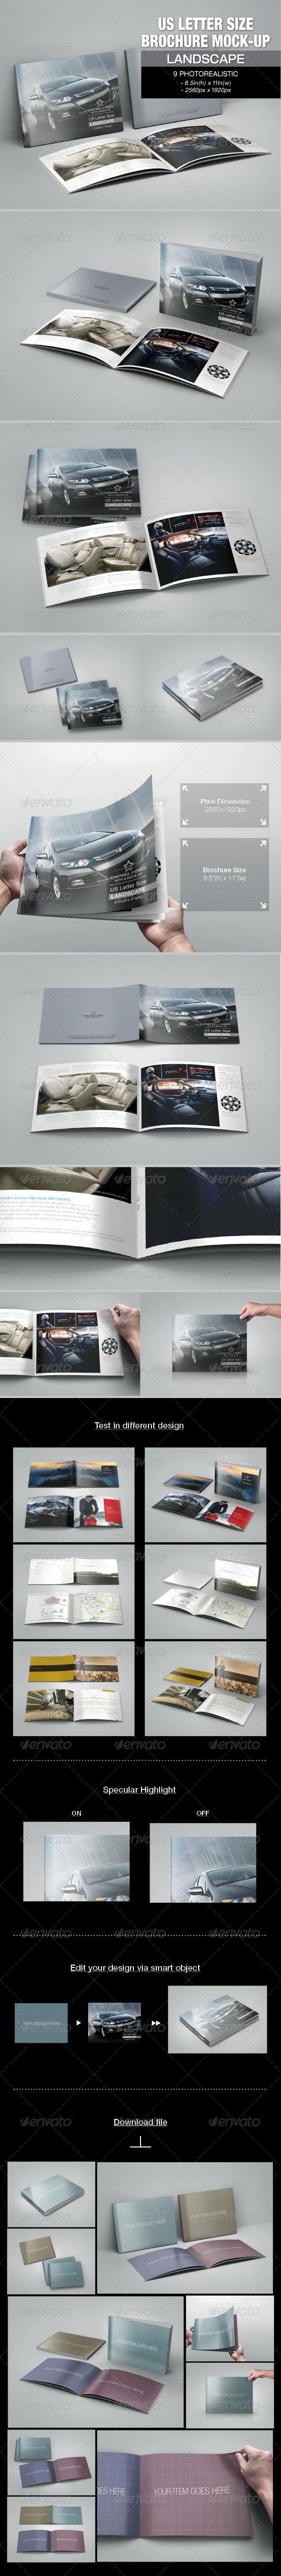 GraphicRiver US Letter Size Brochure Mock-up 7400311